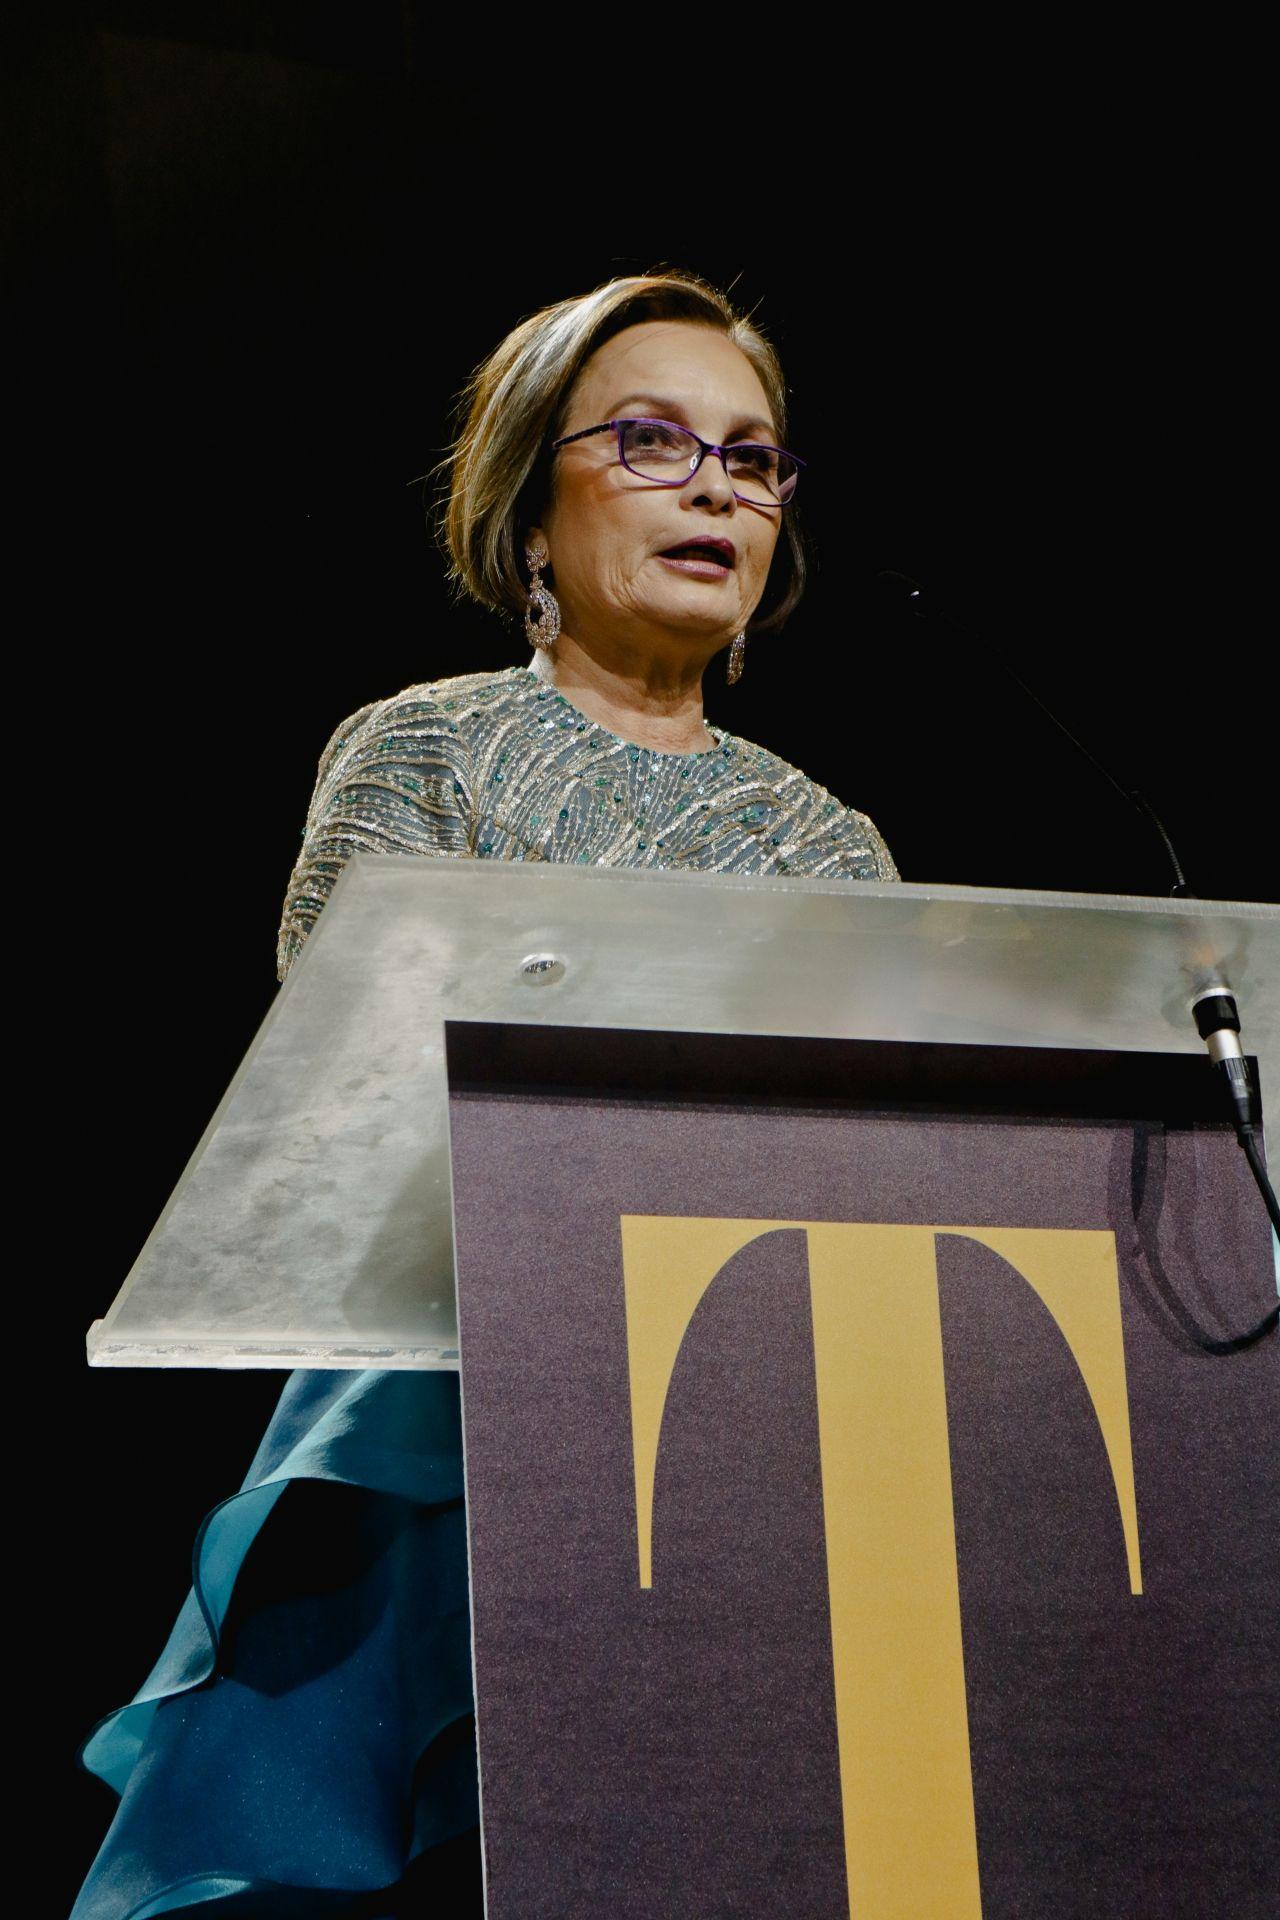 Margie Moran Floirendo